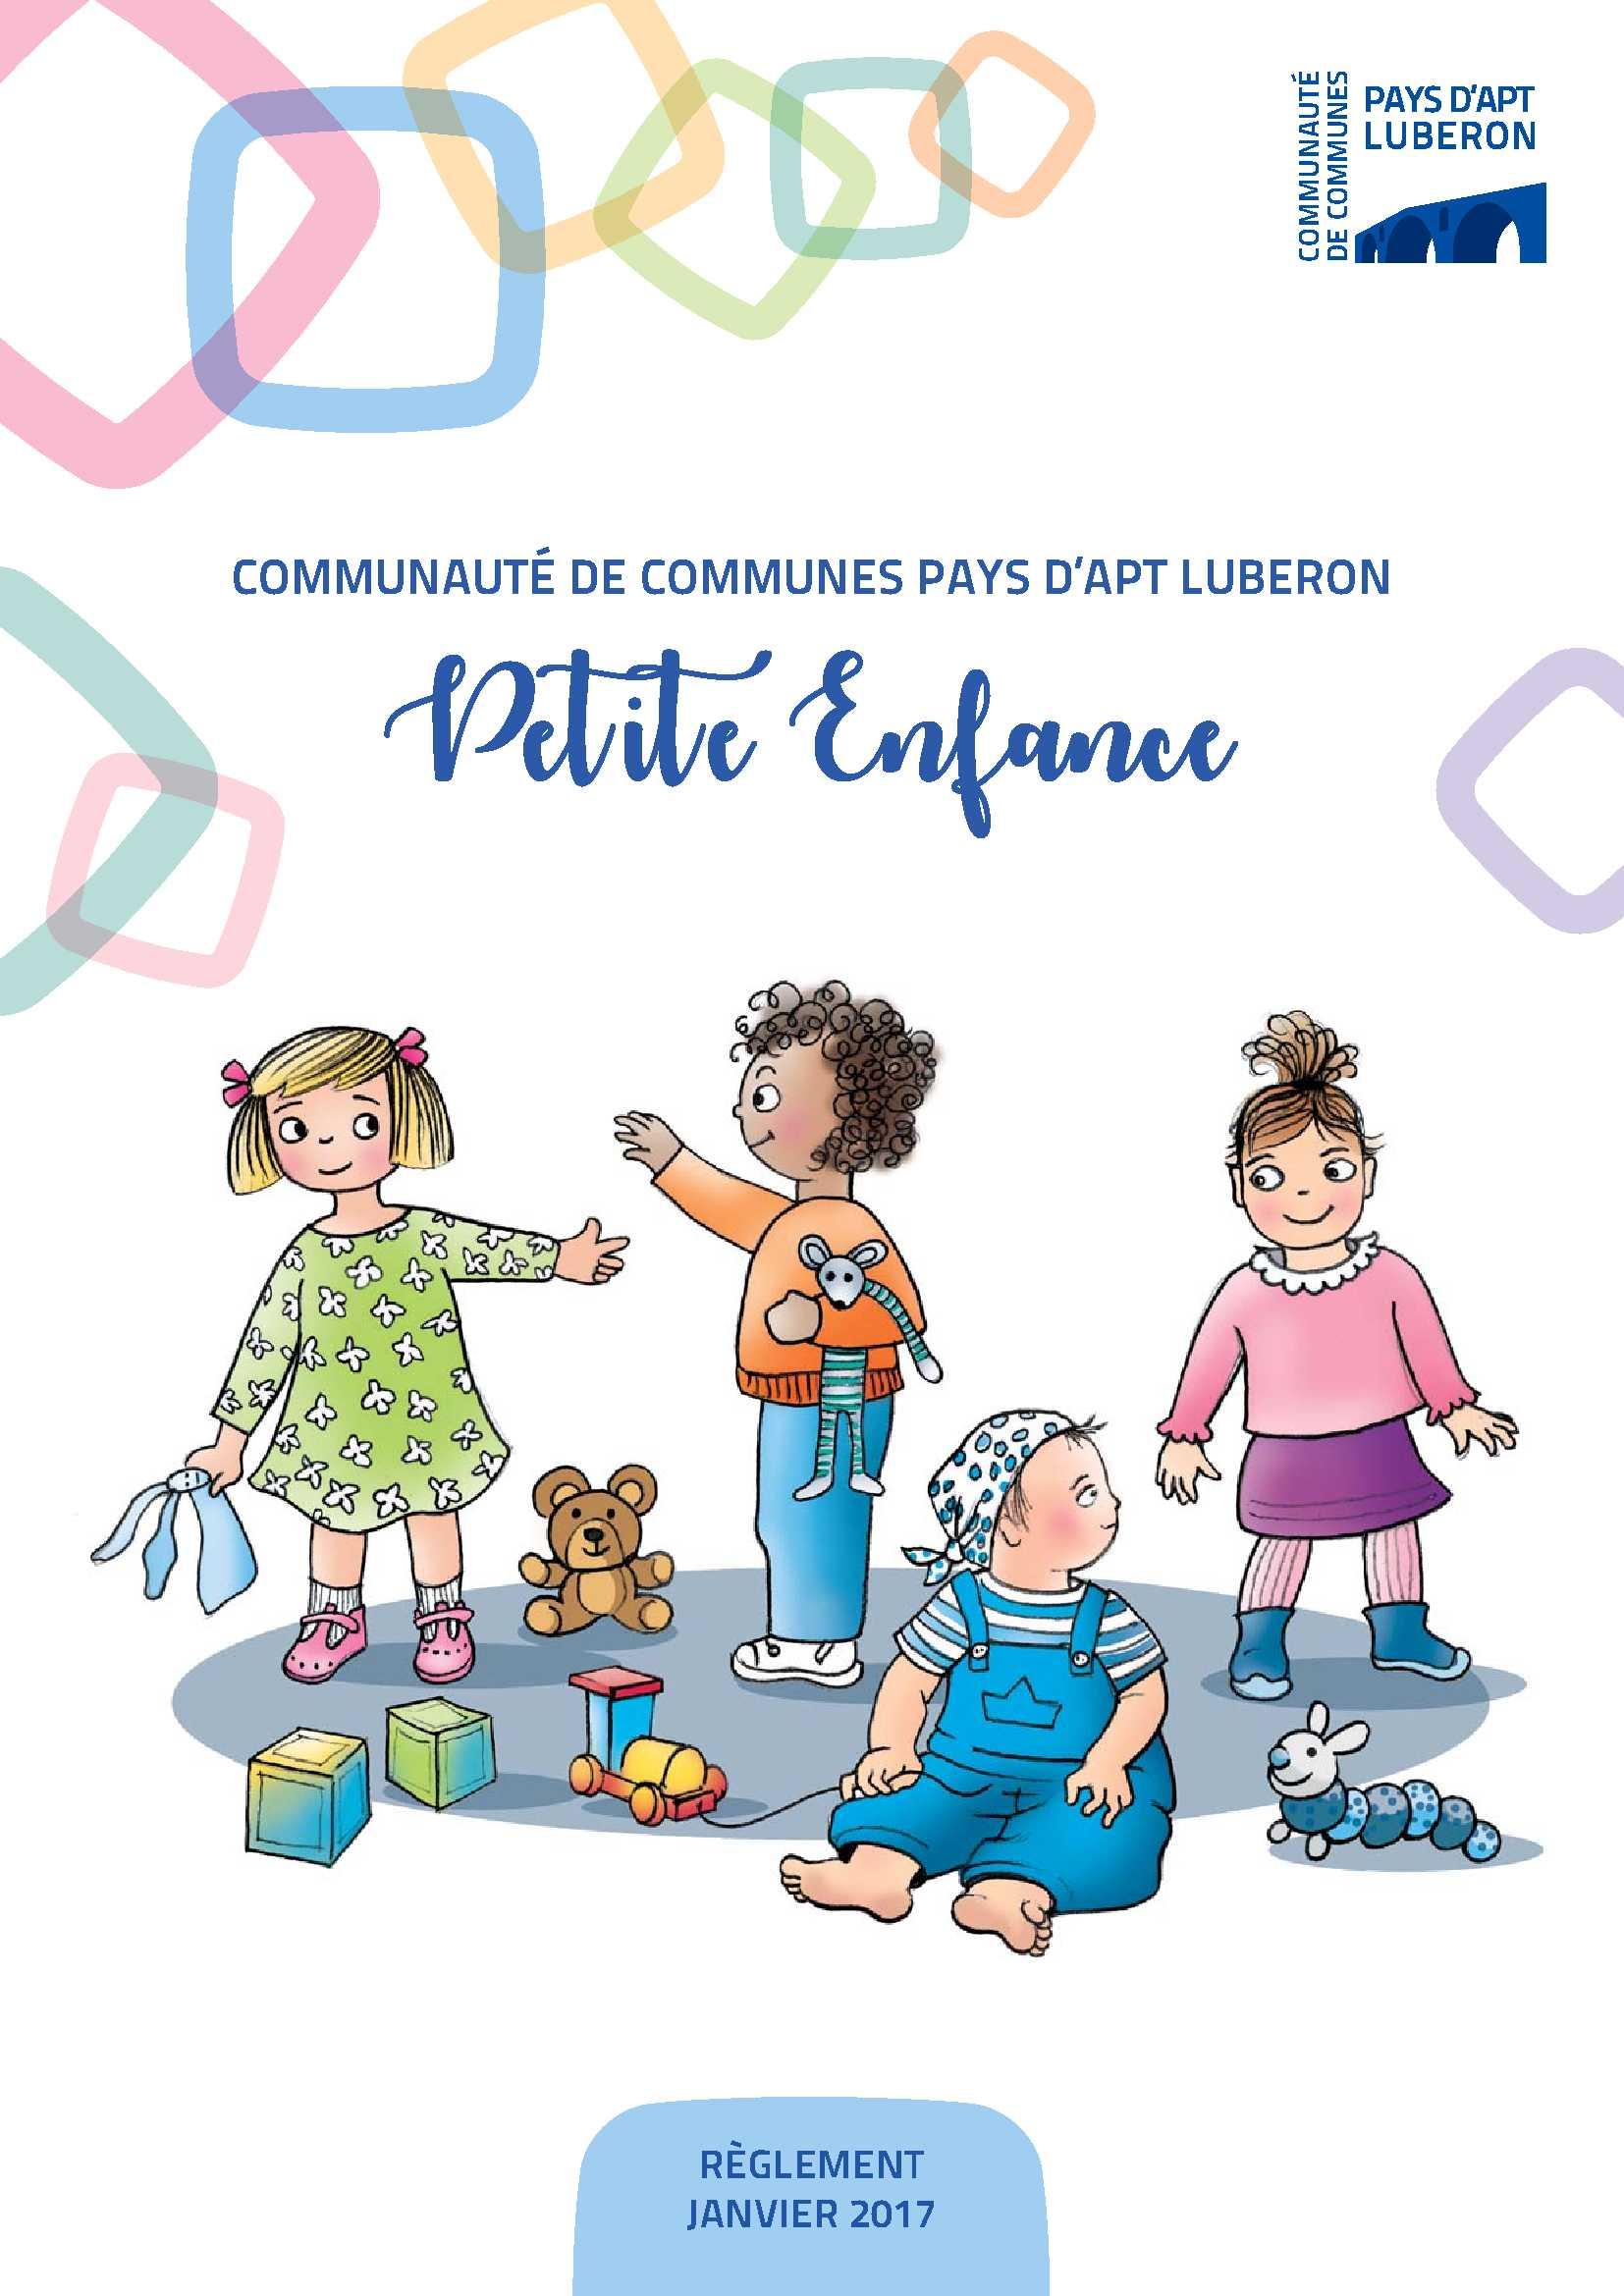 Petite enfance ccpal communaut de communes pays d 39 apt for Salon petite enfance 2017